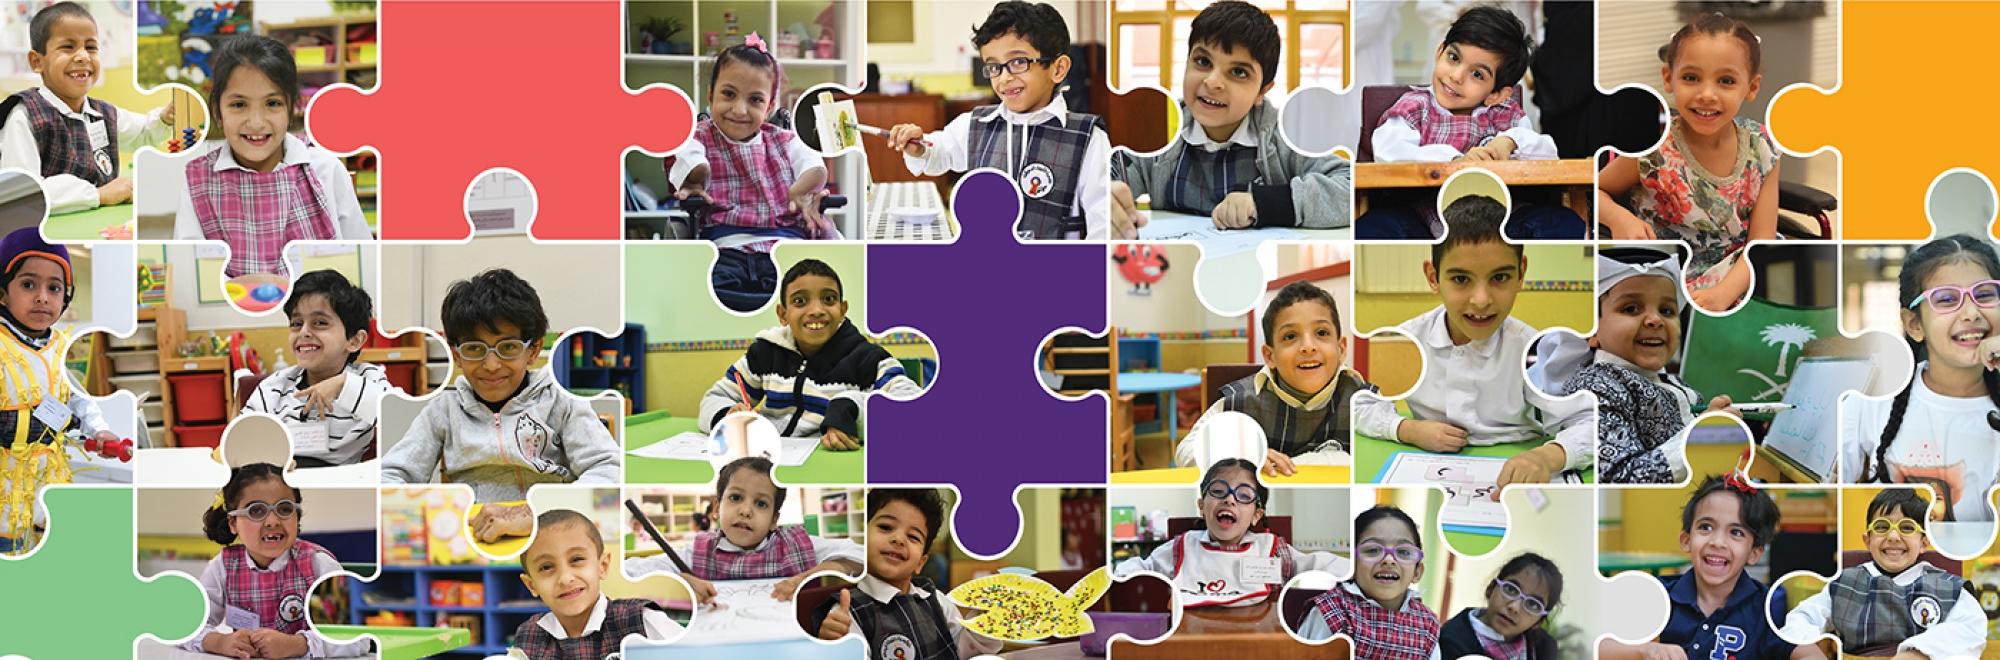 صور أطفال الجمعية 2020